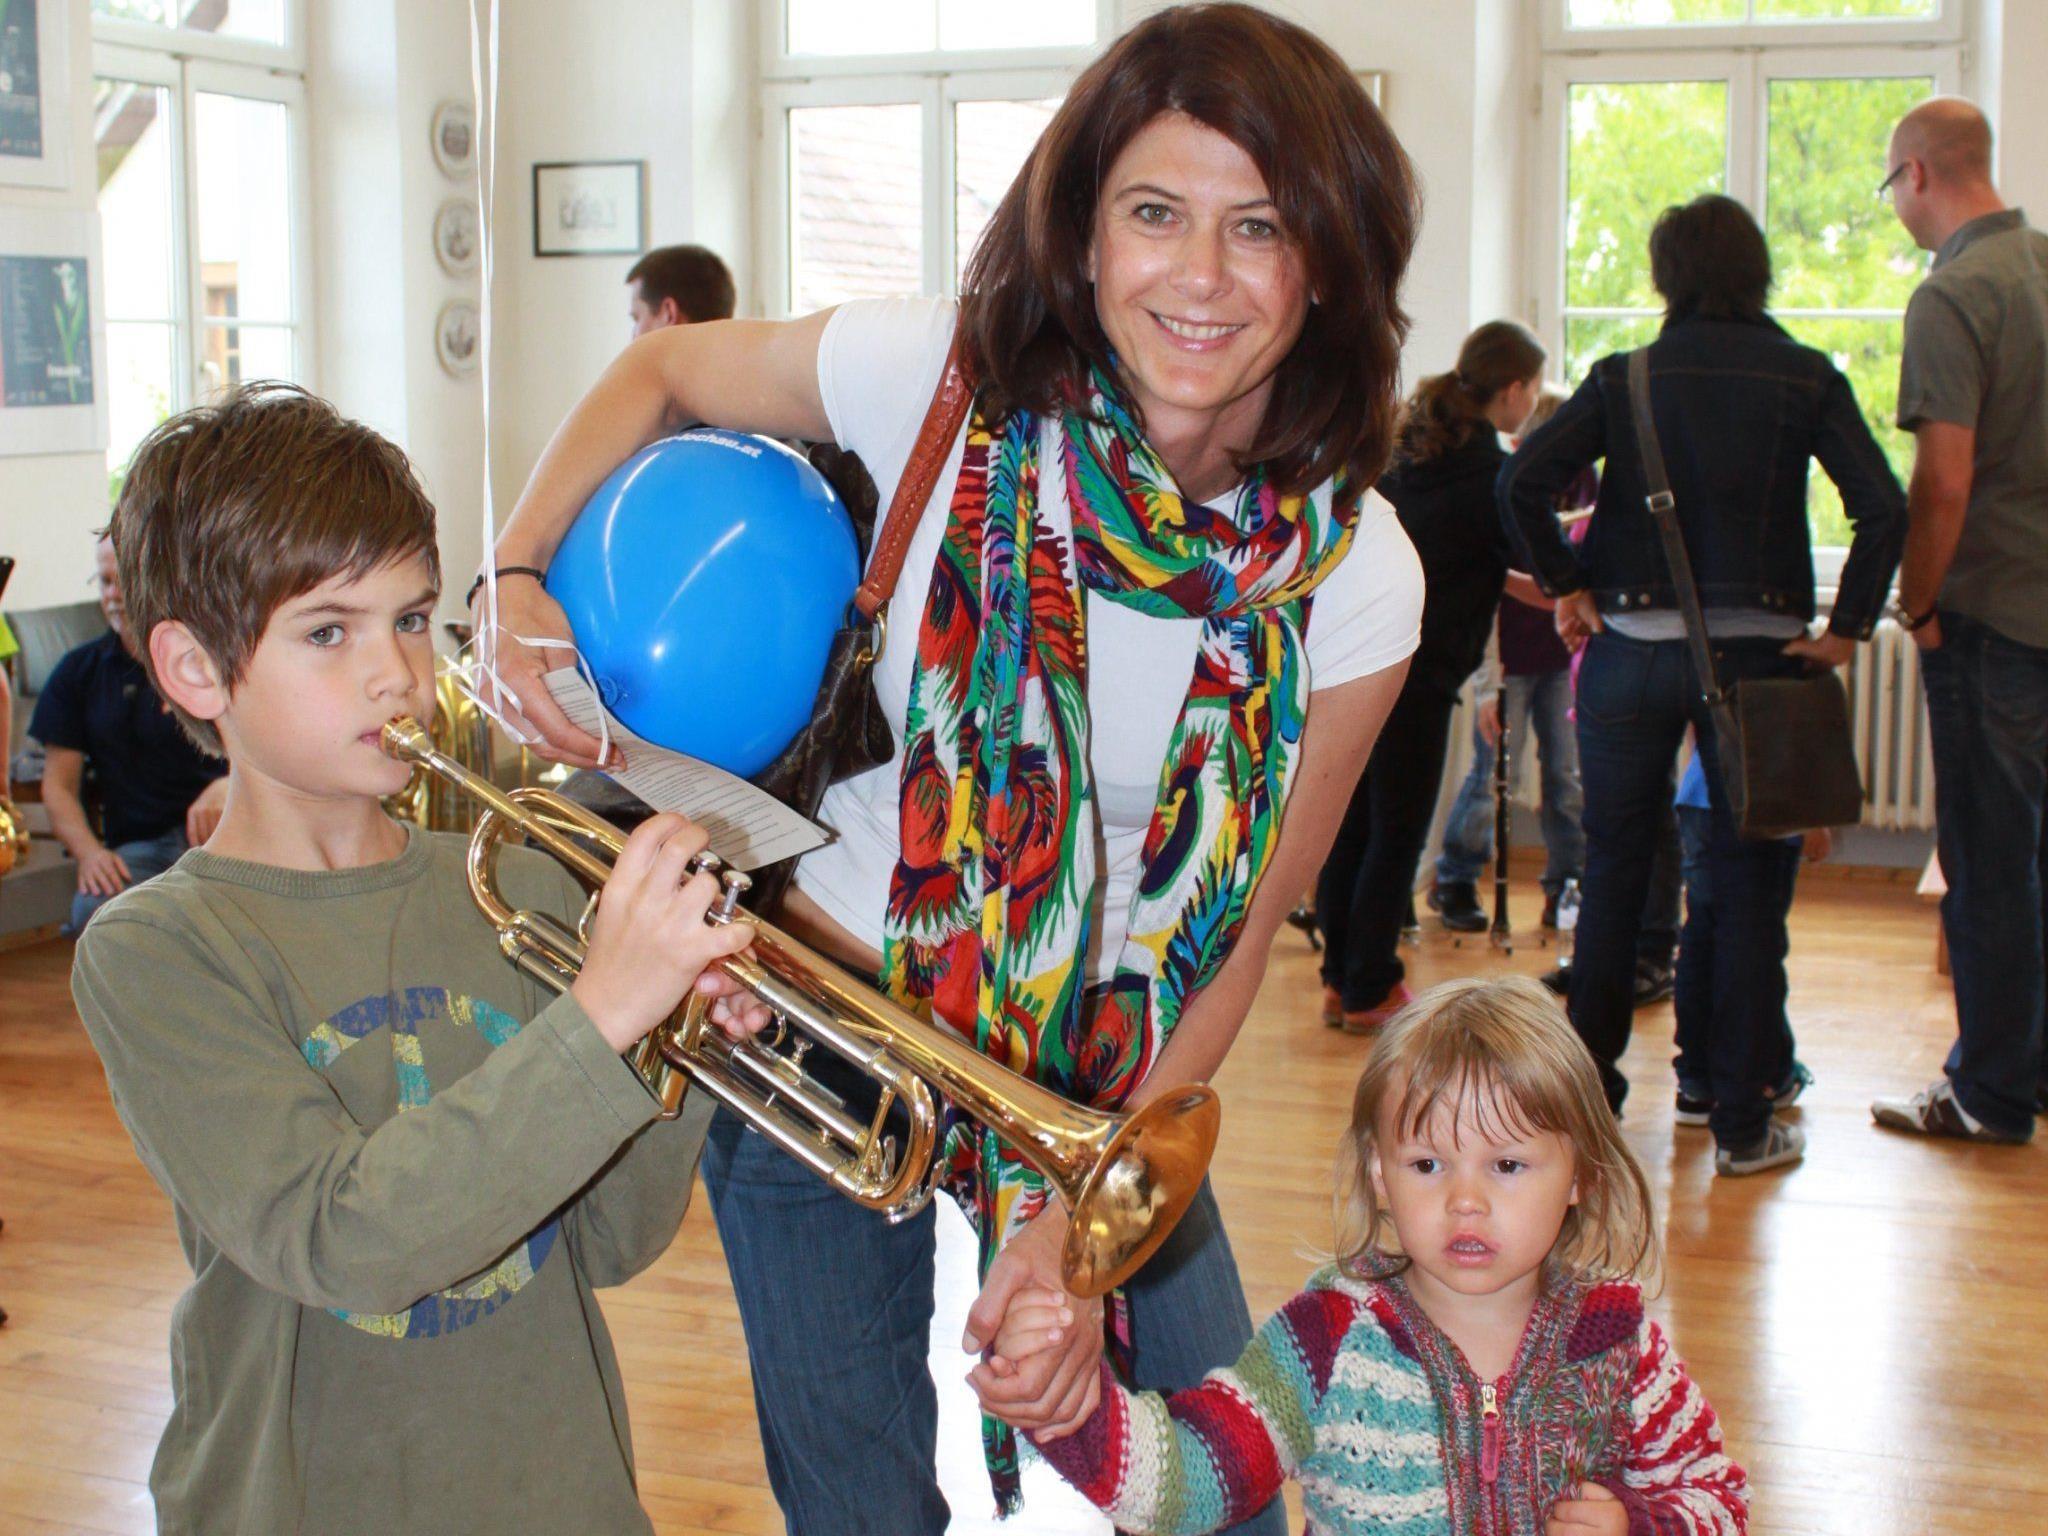 Musizieren macht Spaß: Unter diesem Motto sucht und fördert der MV Lochau musikalische Talente.